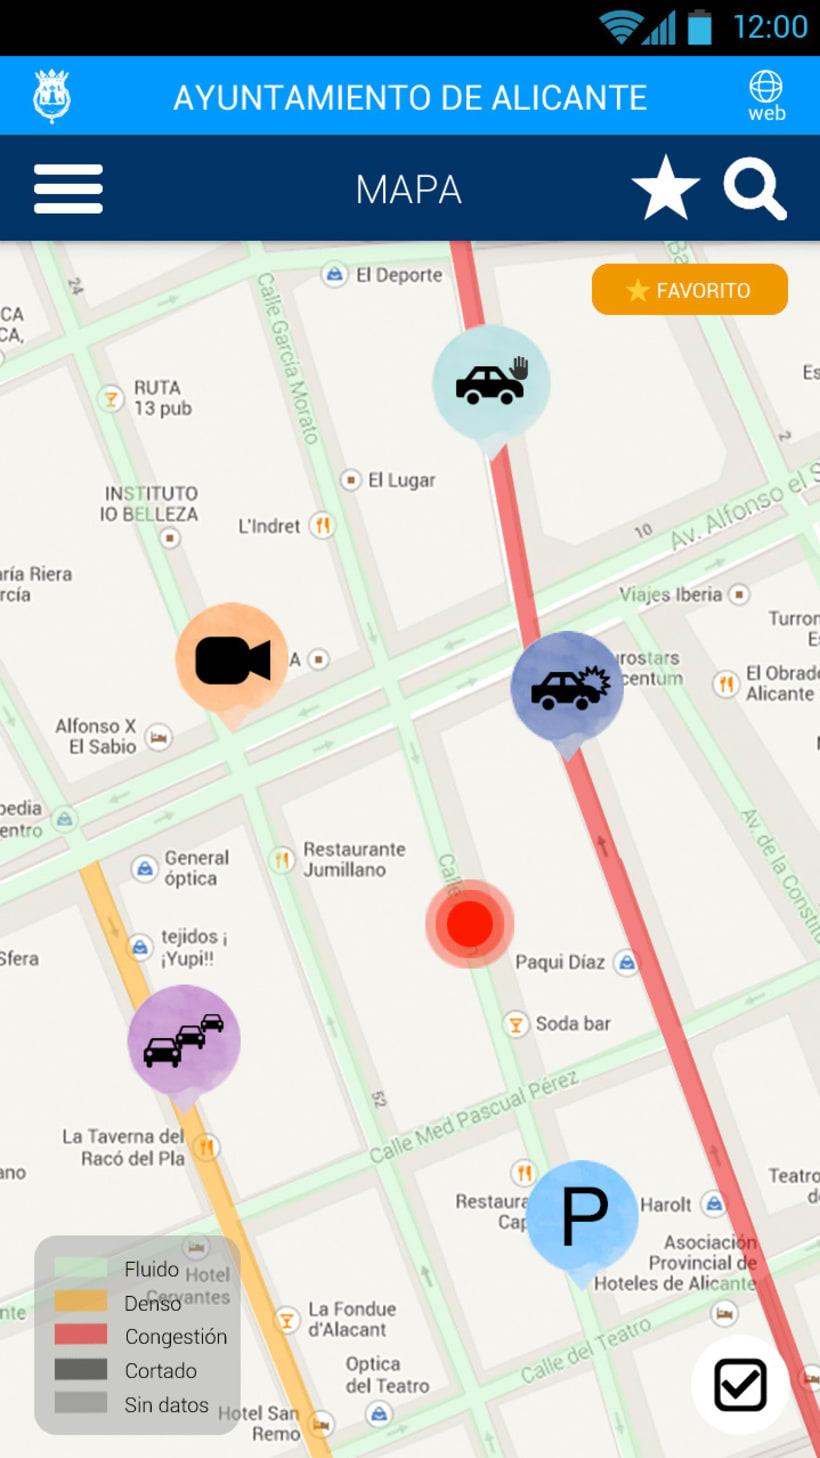 Tráfico de Alicante mobile app 3